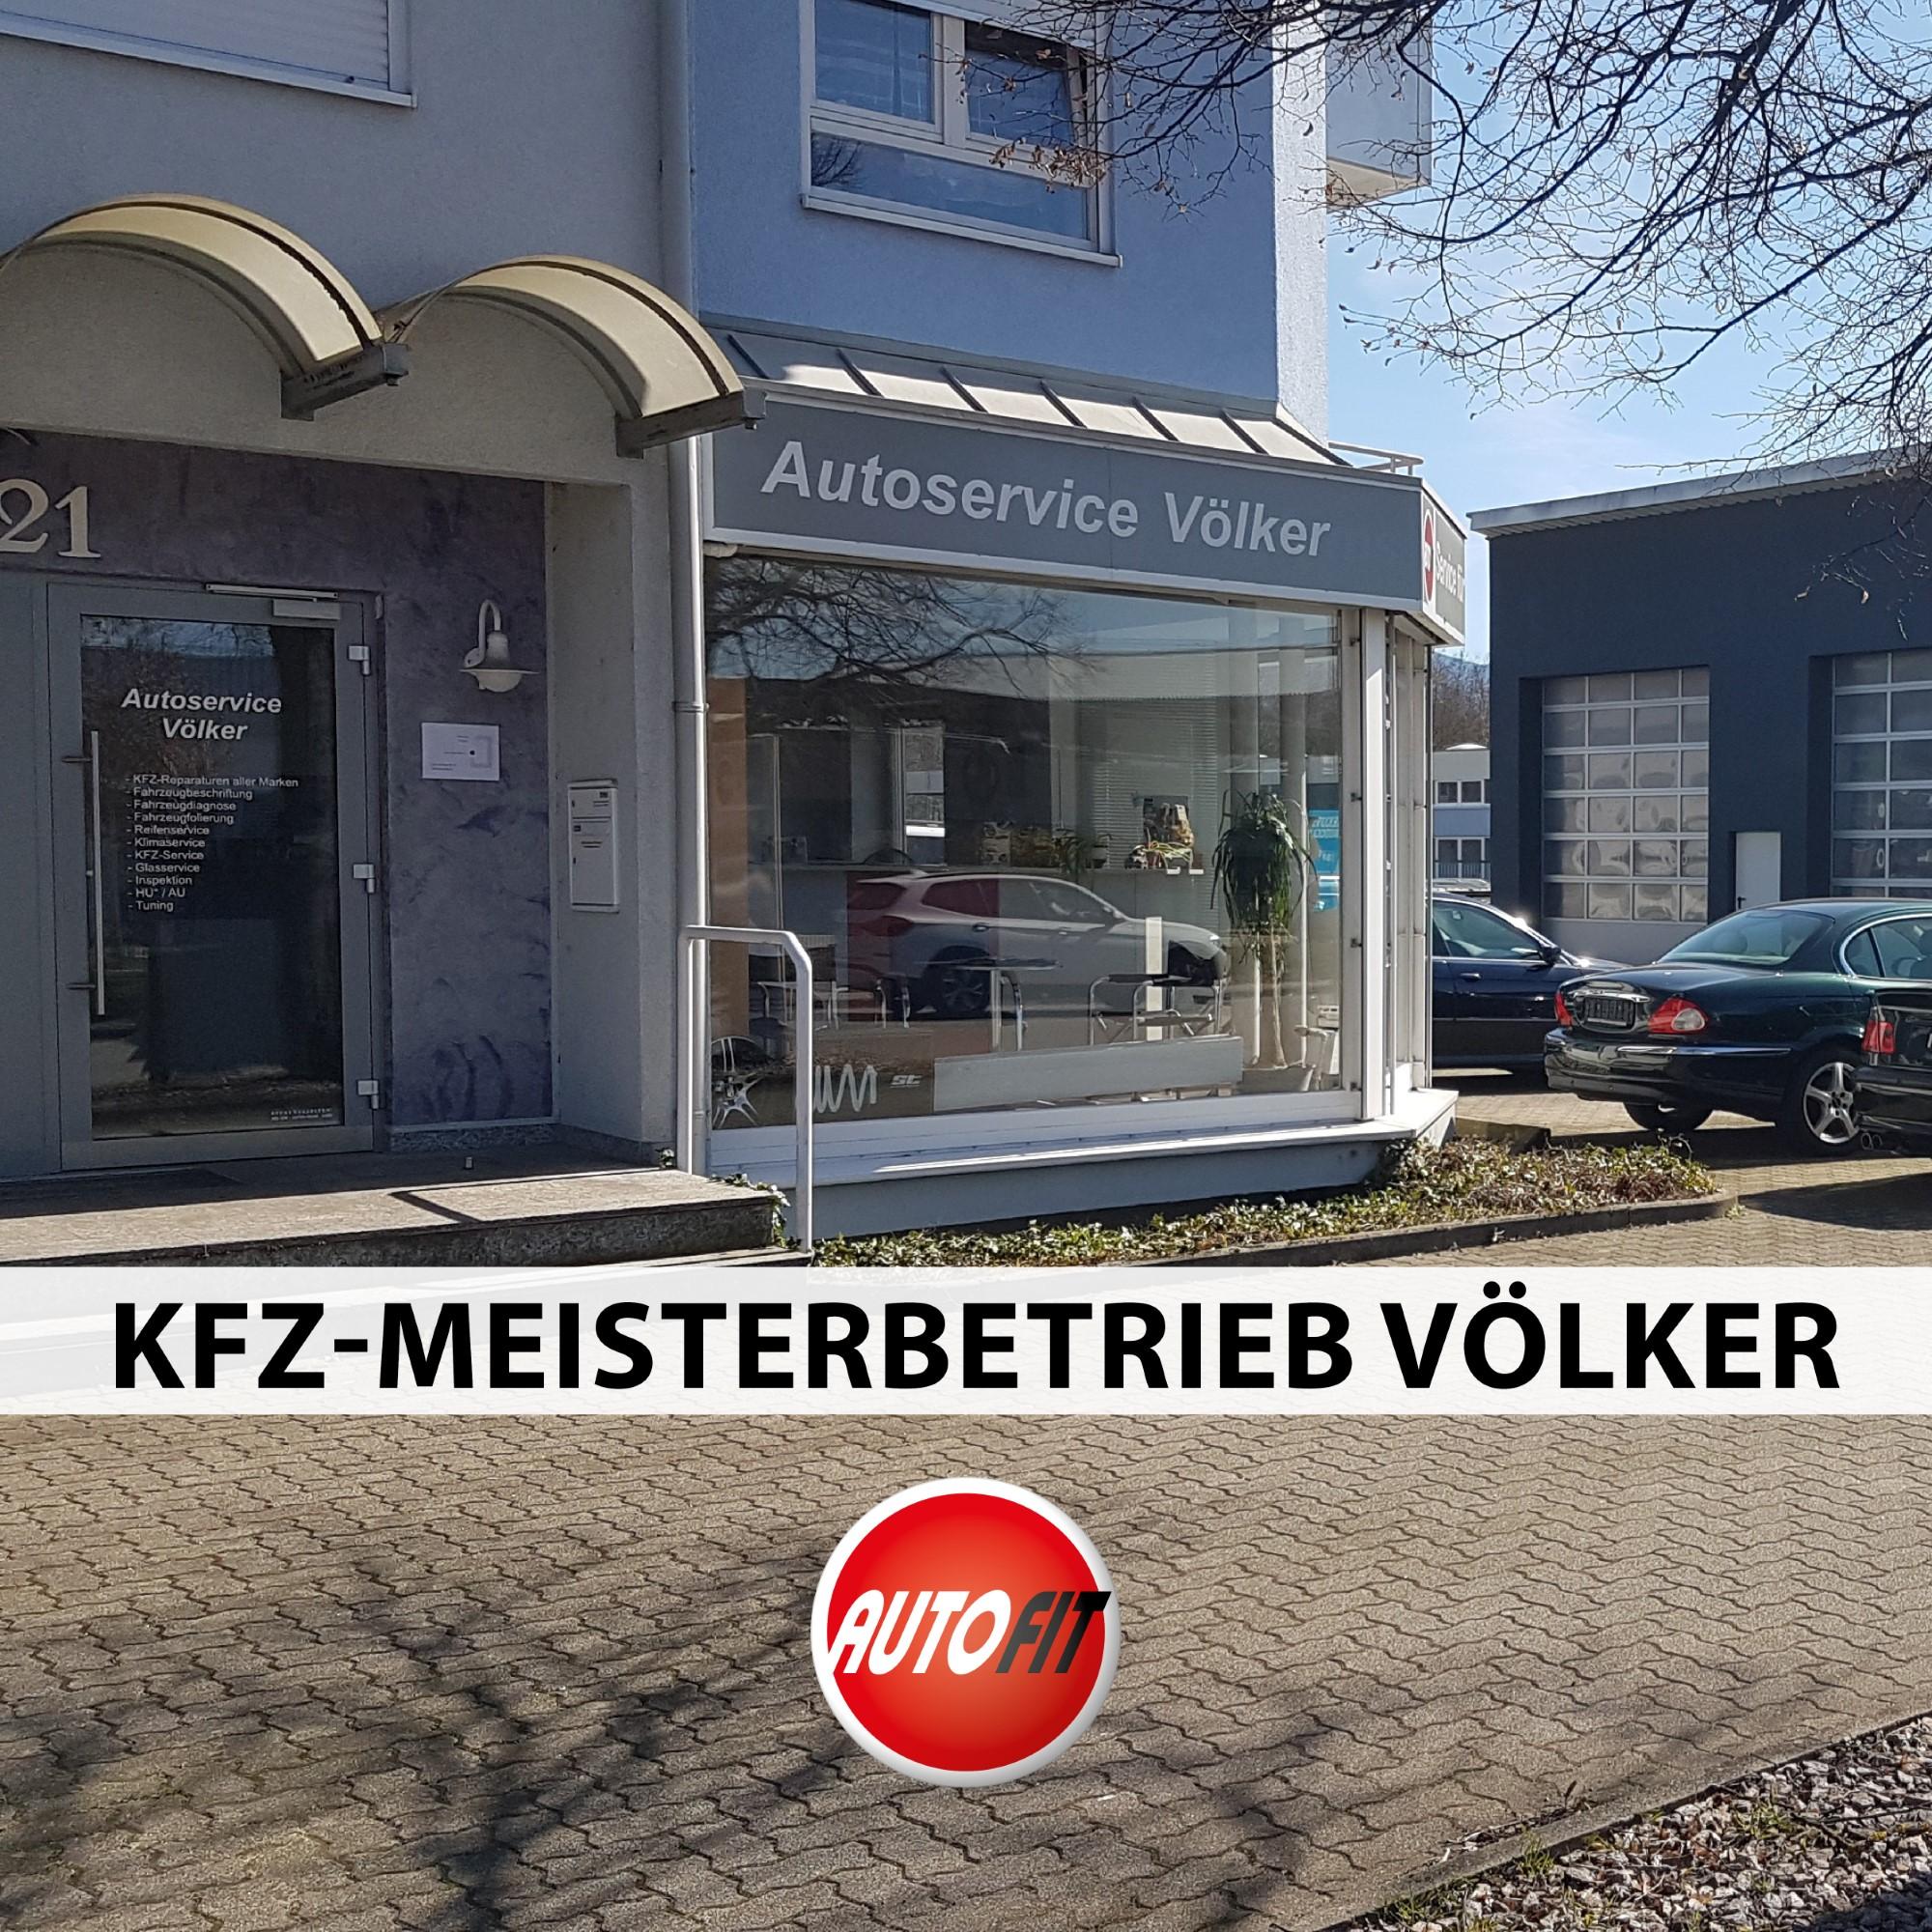 KFZ-Meisterbetrieb Völker